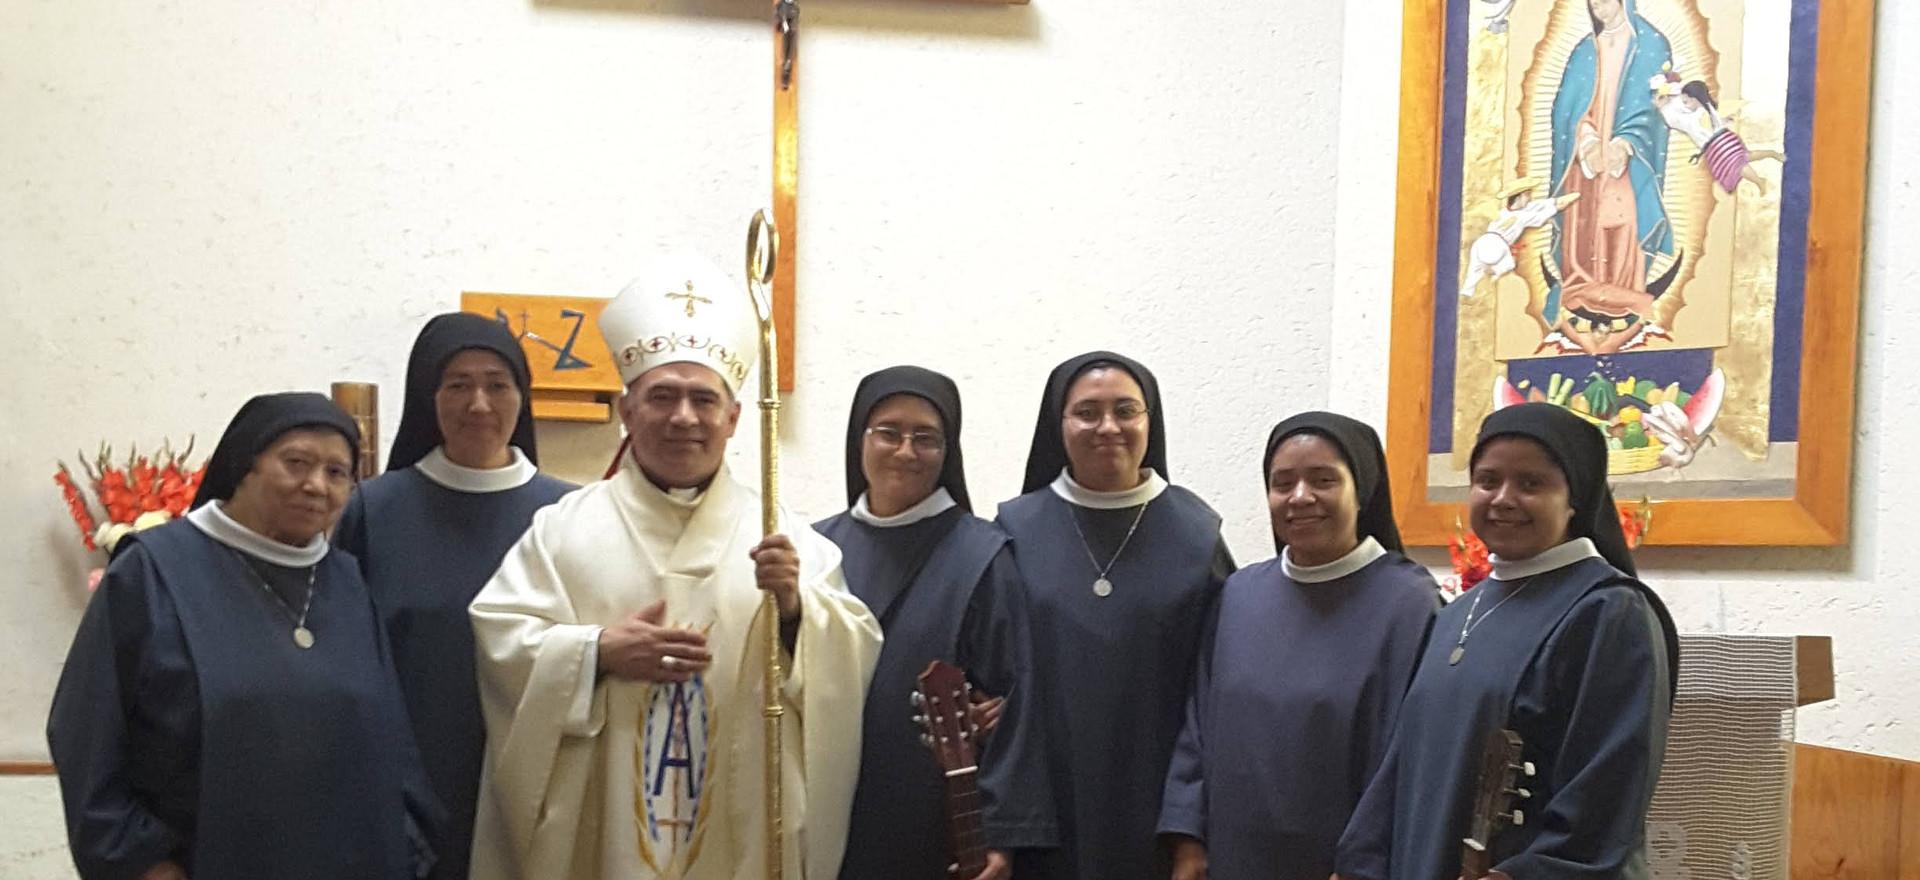 Visita del Monseñor Carlos Enrique